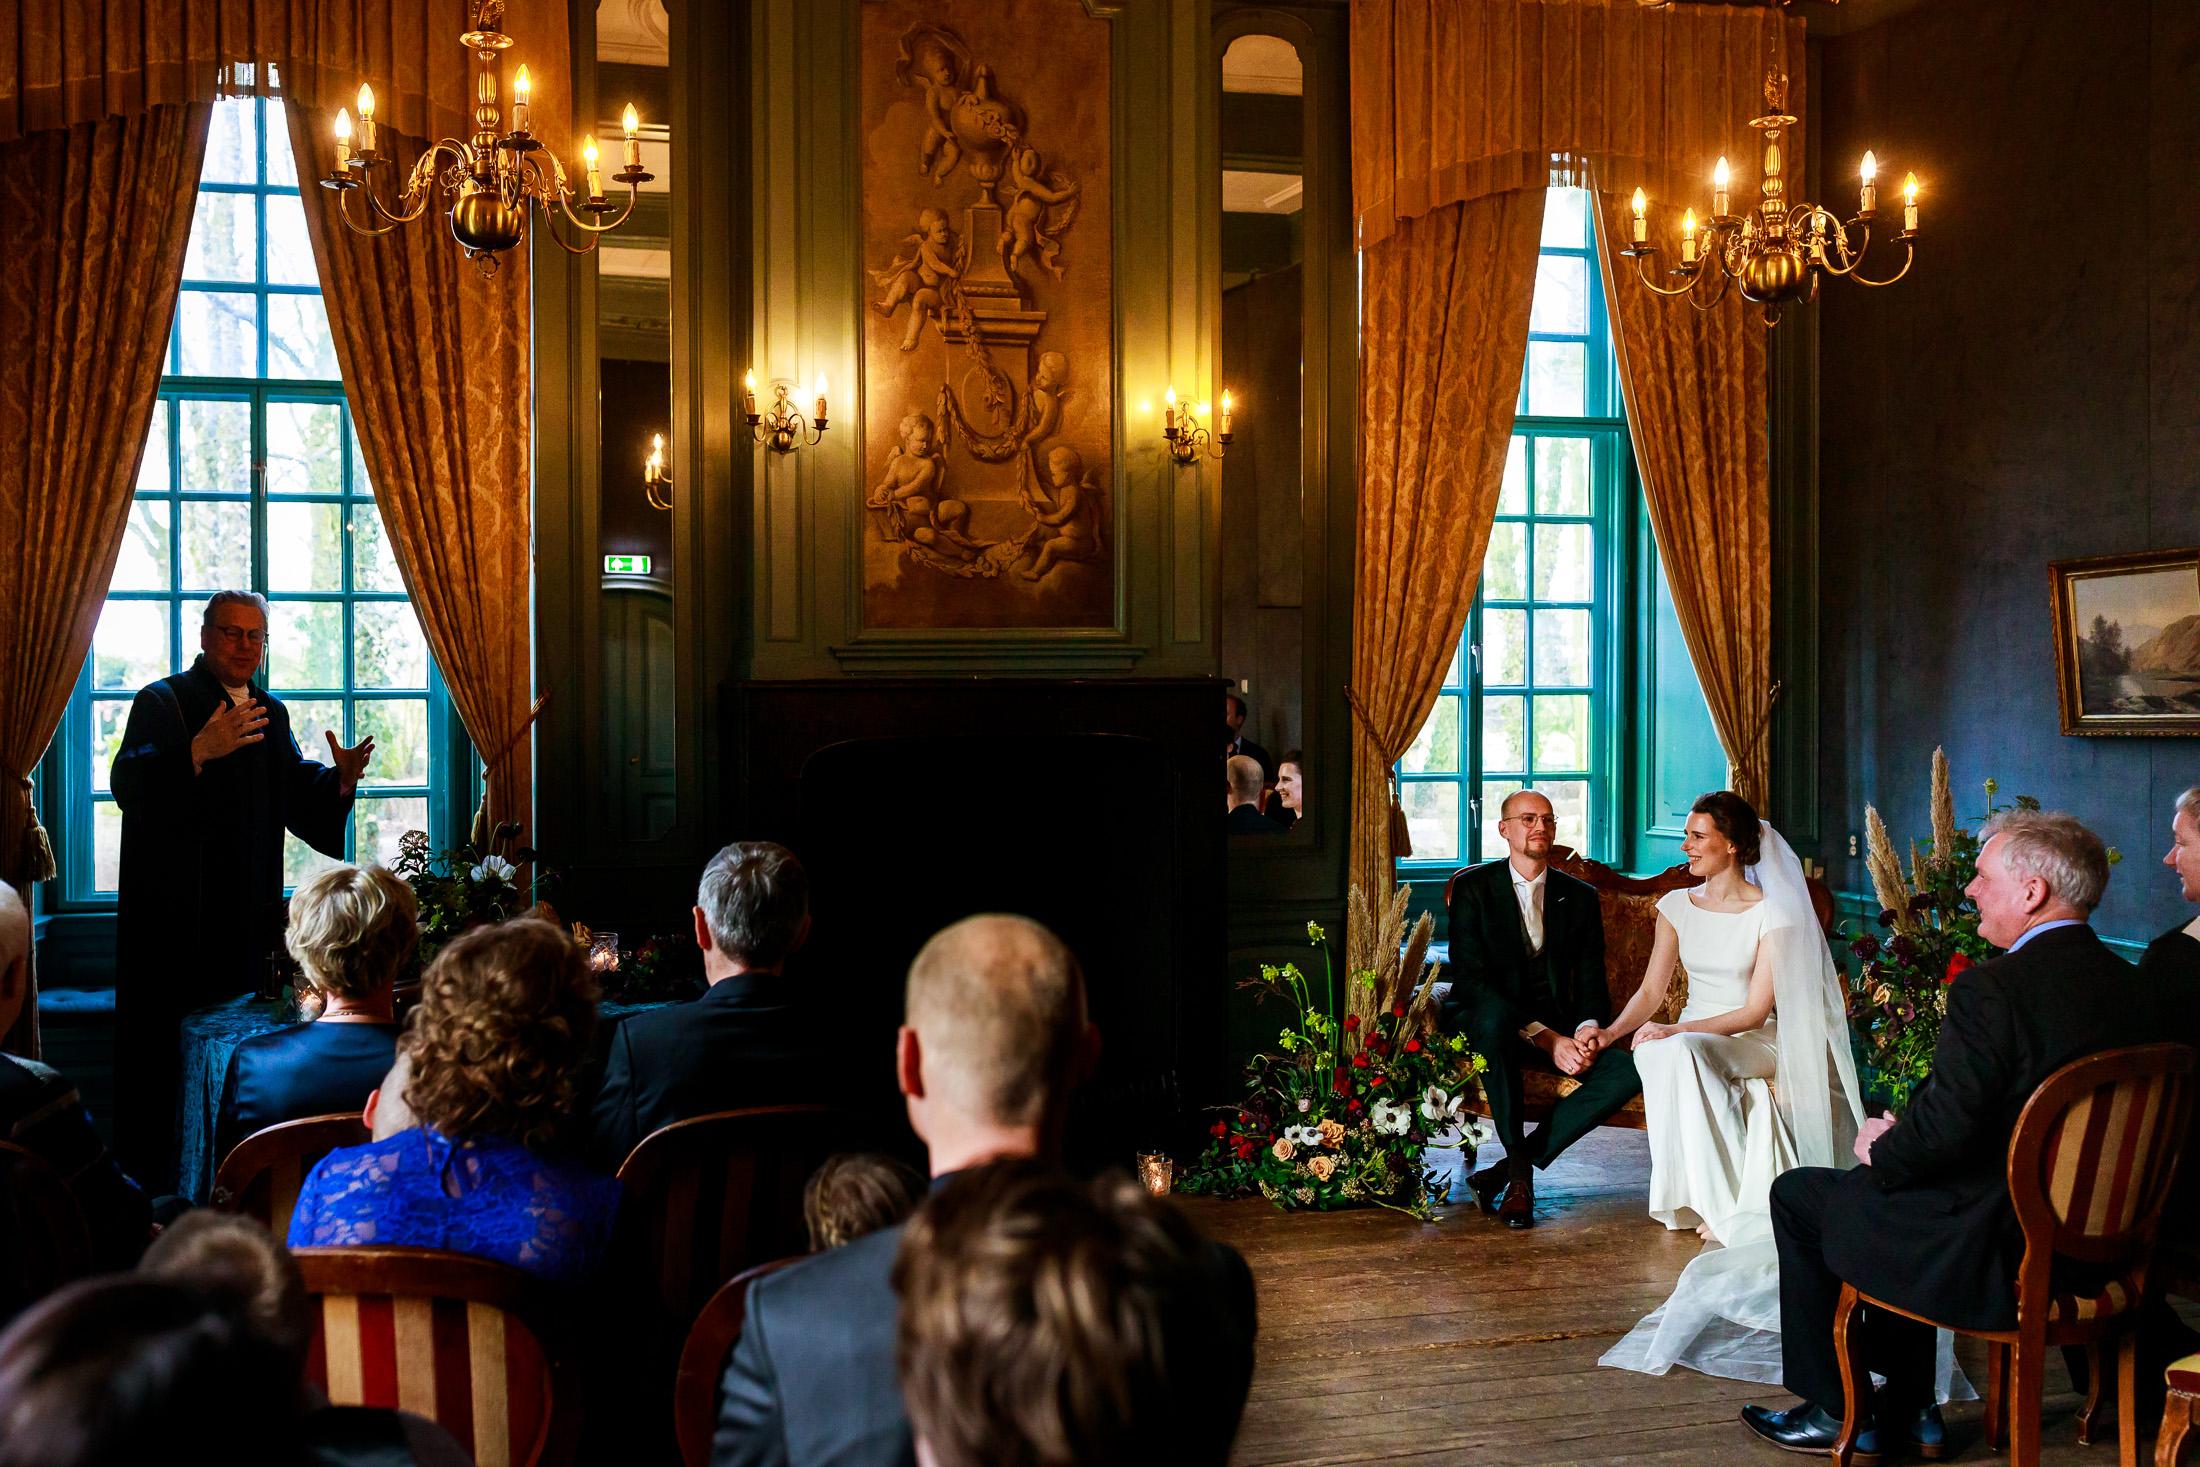 Mooiste trouwlocaties van Nederland | Trouwen in een kasteel | Kasteelbruiloft | Romantische trouwlocatie | Trouwen Kasteel Wijenburg